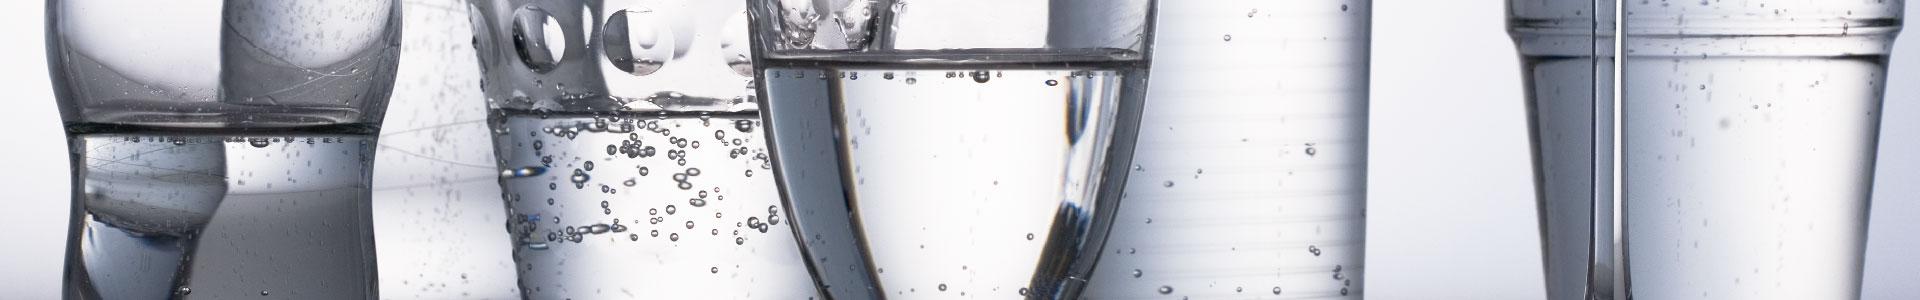 Neuer Kurs Mineralwassersommeliers